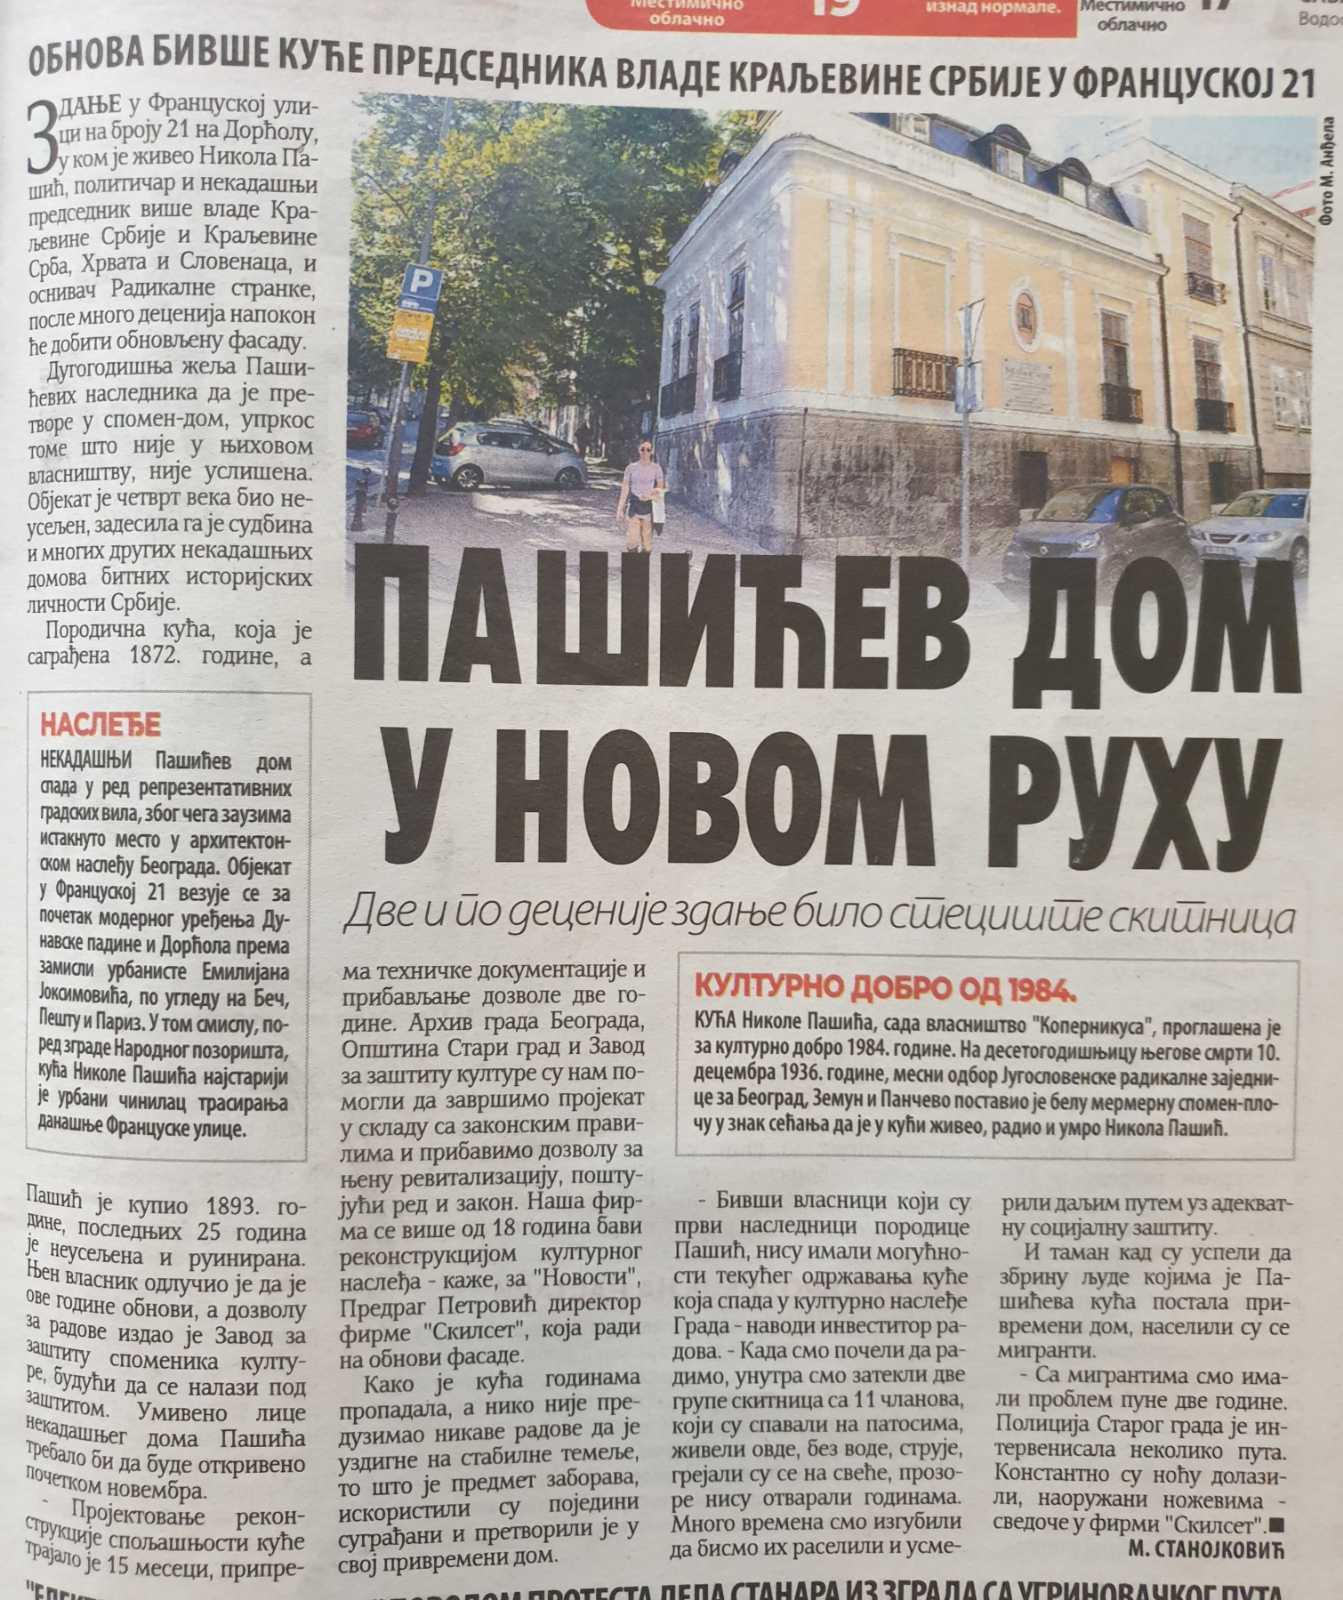 Obnova kuće predsednika vlade kraljevine SRBIJE by skillset.rs